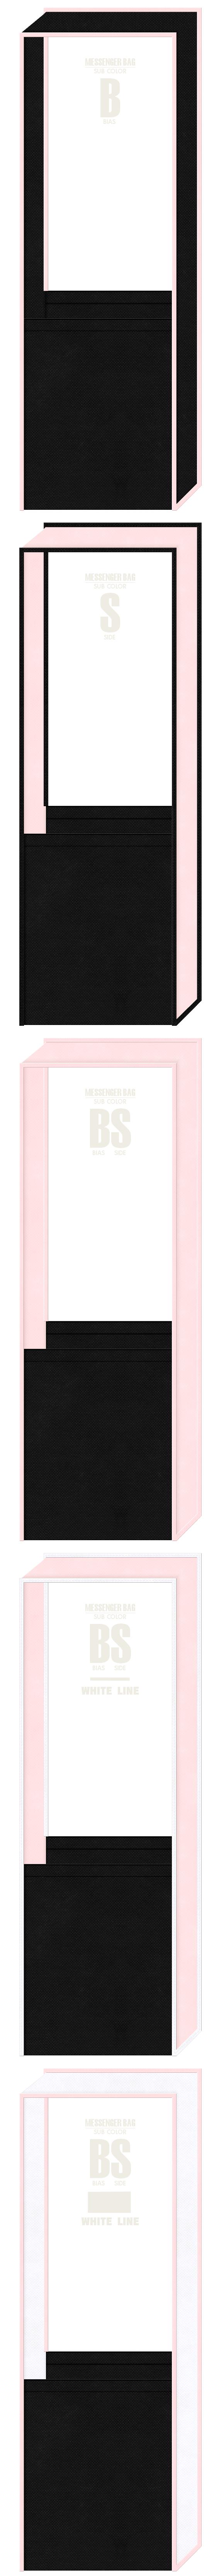 不織布メッセンジャーバッグのカラーシミュレーション(黒色・桜色・白色)スポーツイベントにお奨めです。